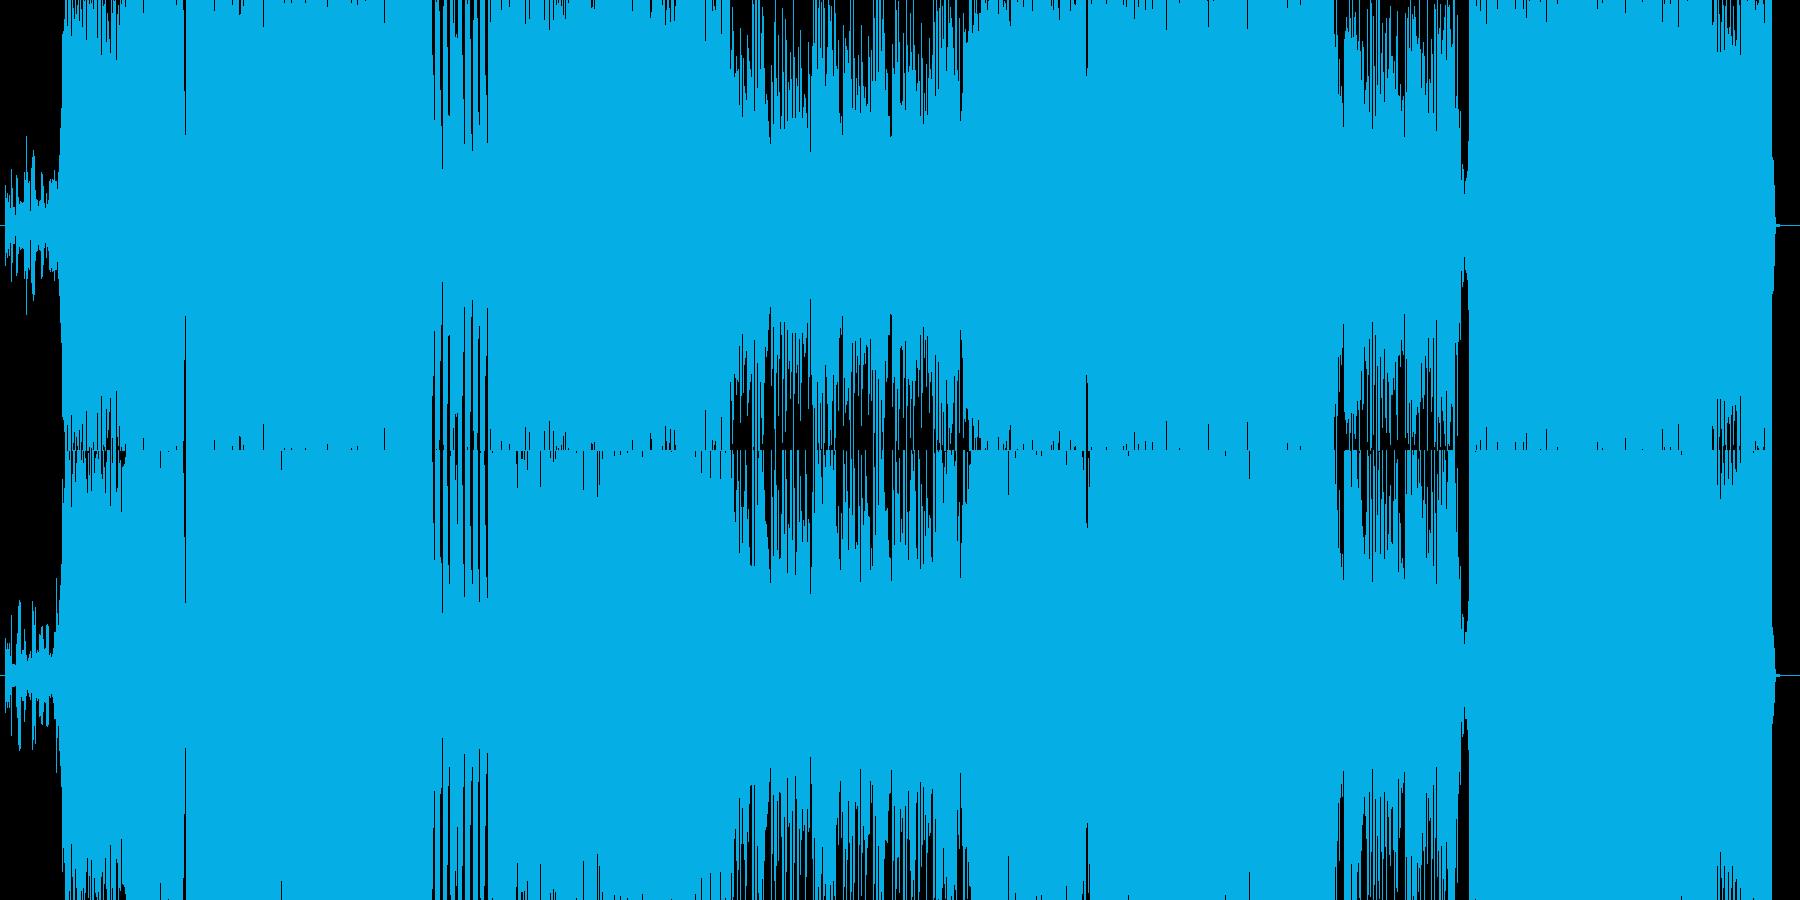 途中でリズムが変わるハードチューンの再生済みの波形